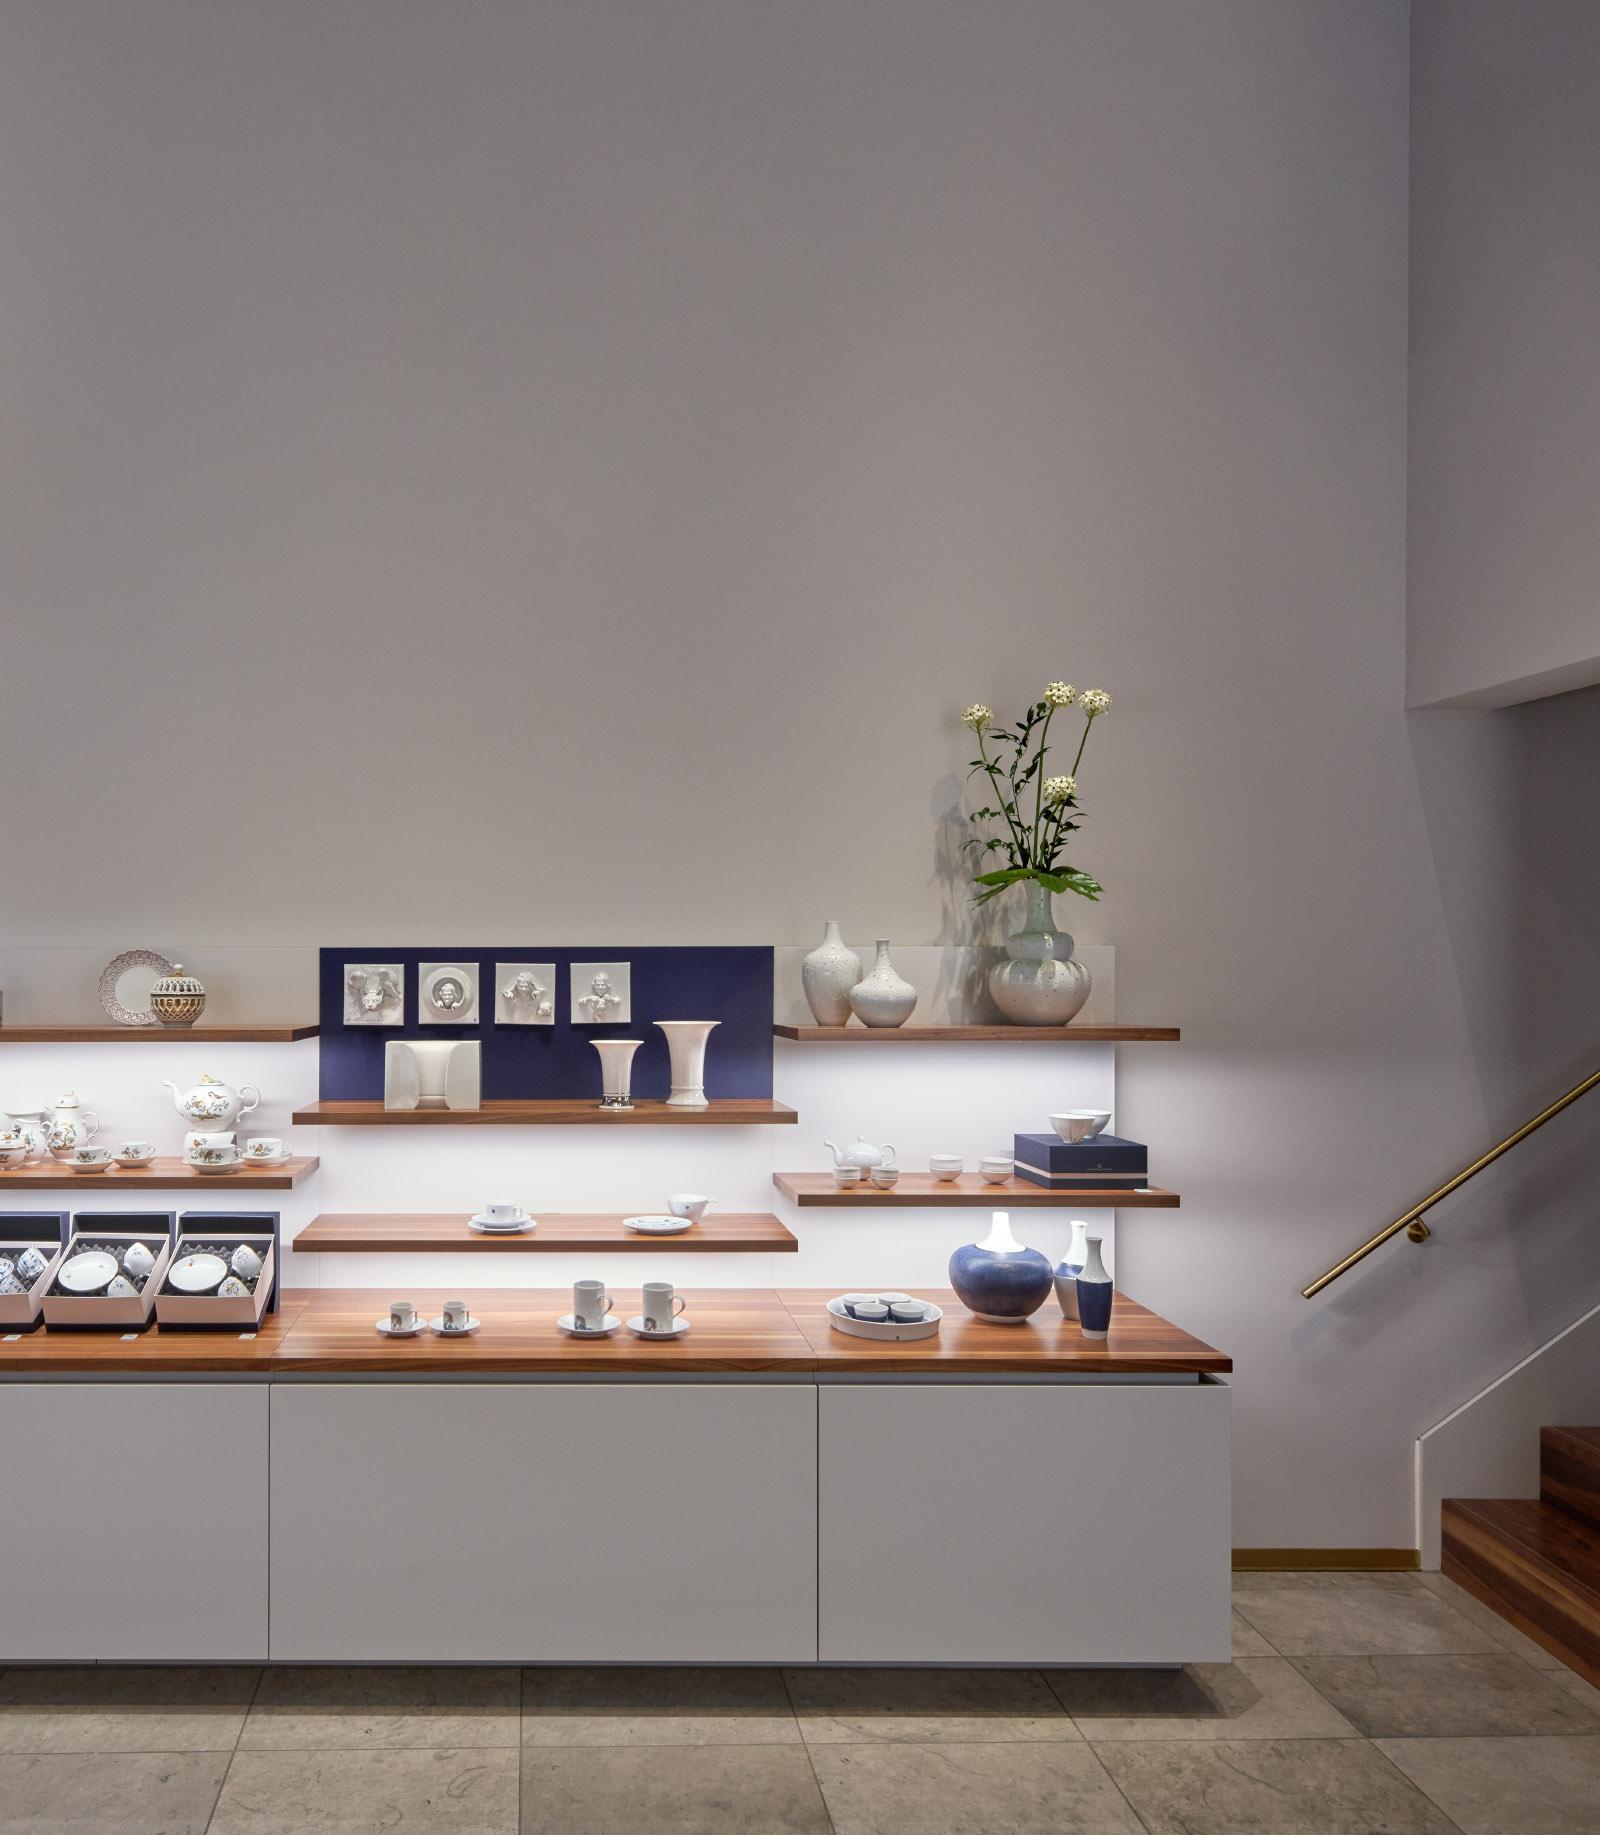 Für den Produktdesigner Veit Streitenberger: Interieur-Aufnahmen vom HPM House, das Ladenlokal der Höchster Porzellan Manufaktur im DomRömer-Quartier Frankfurt am Main.